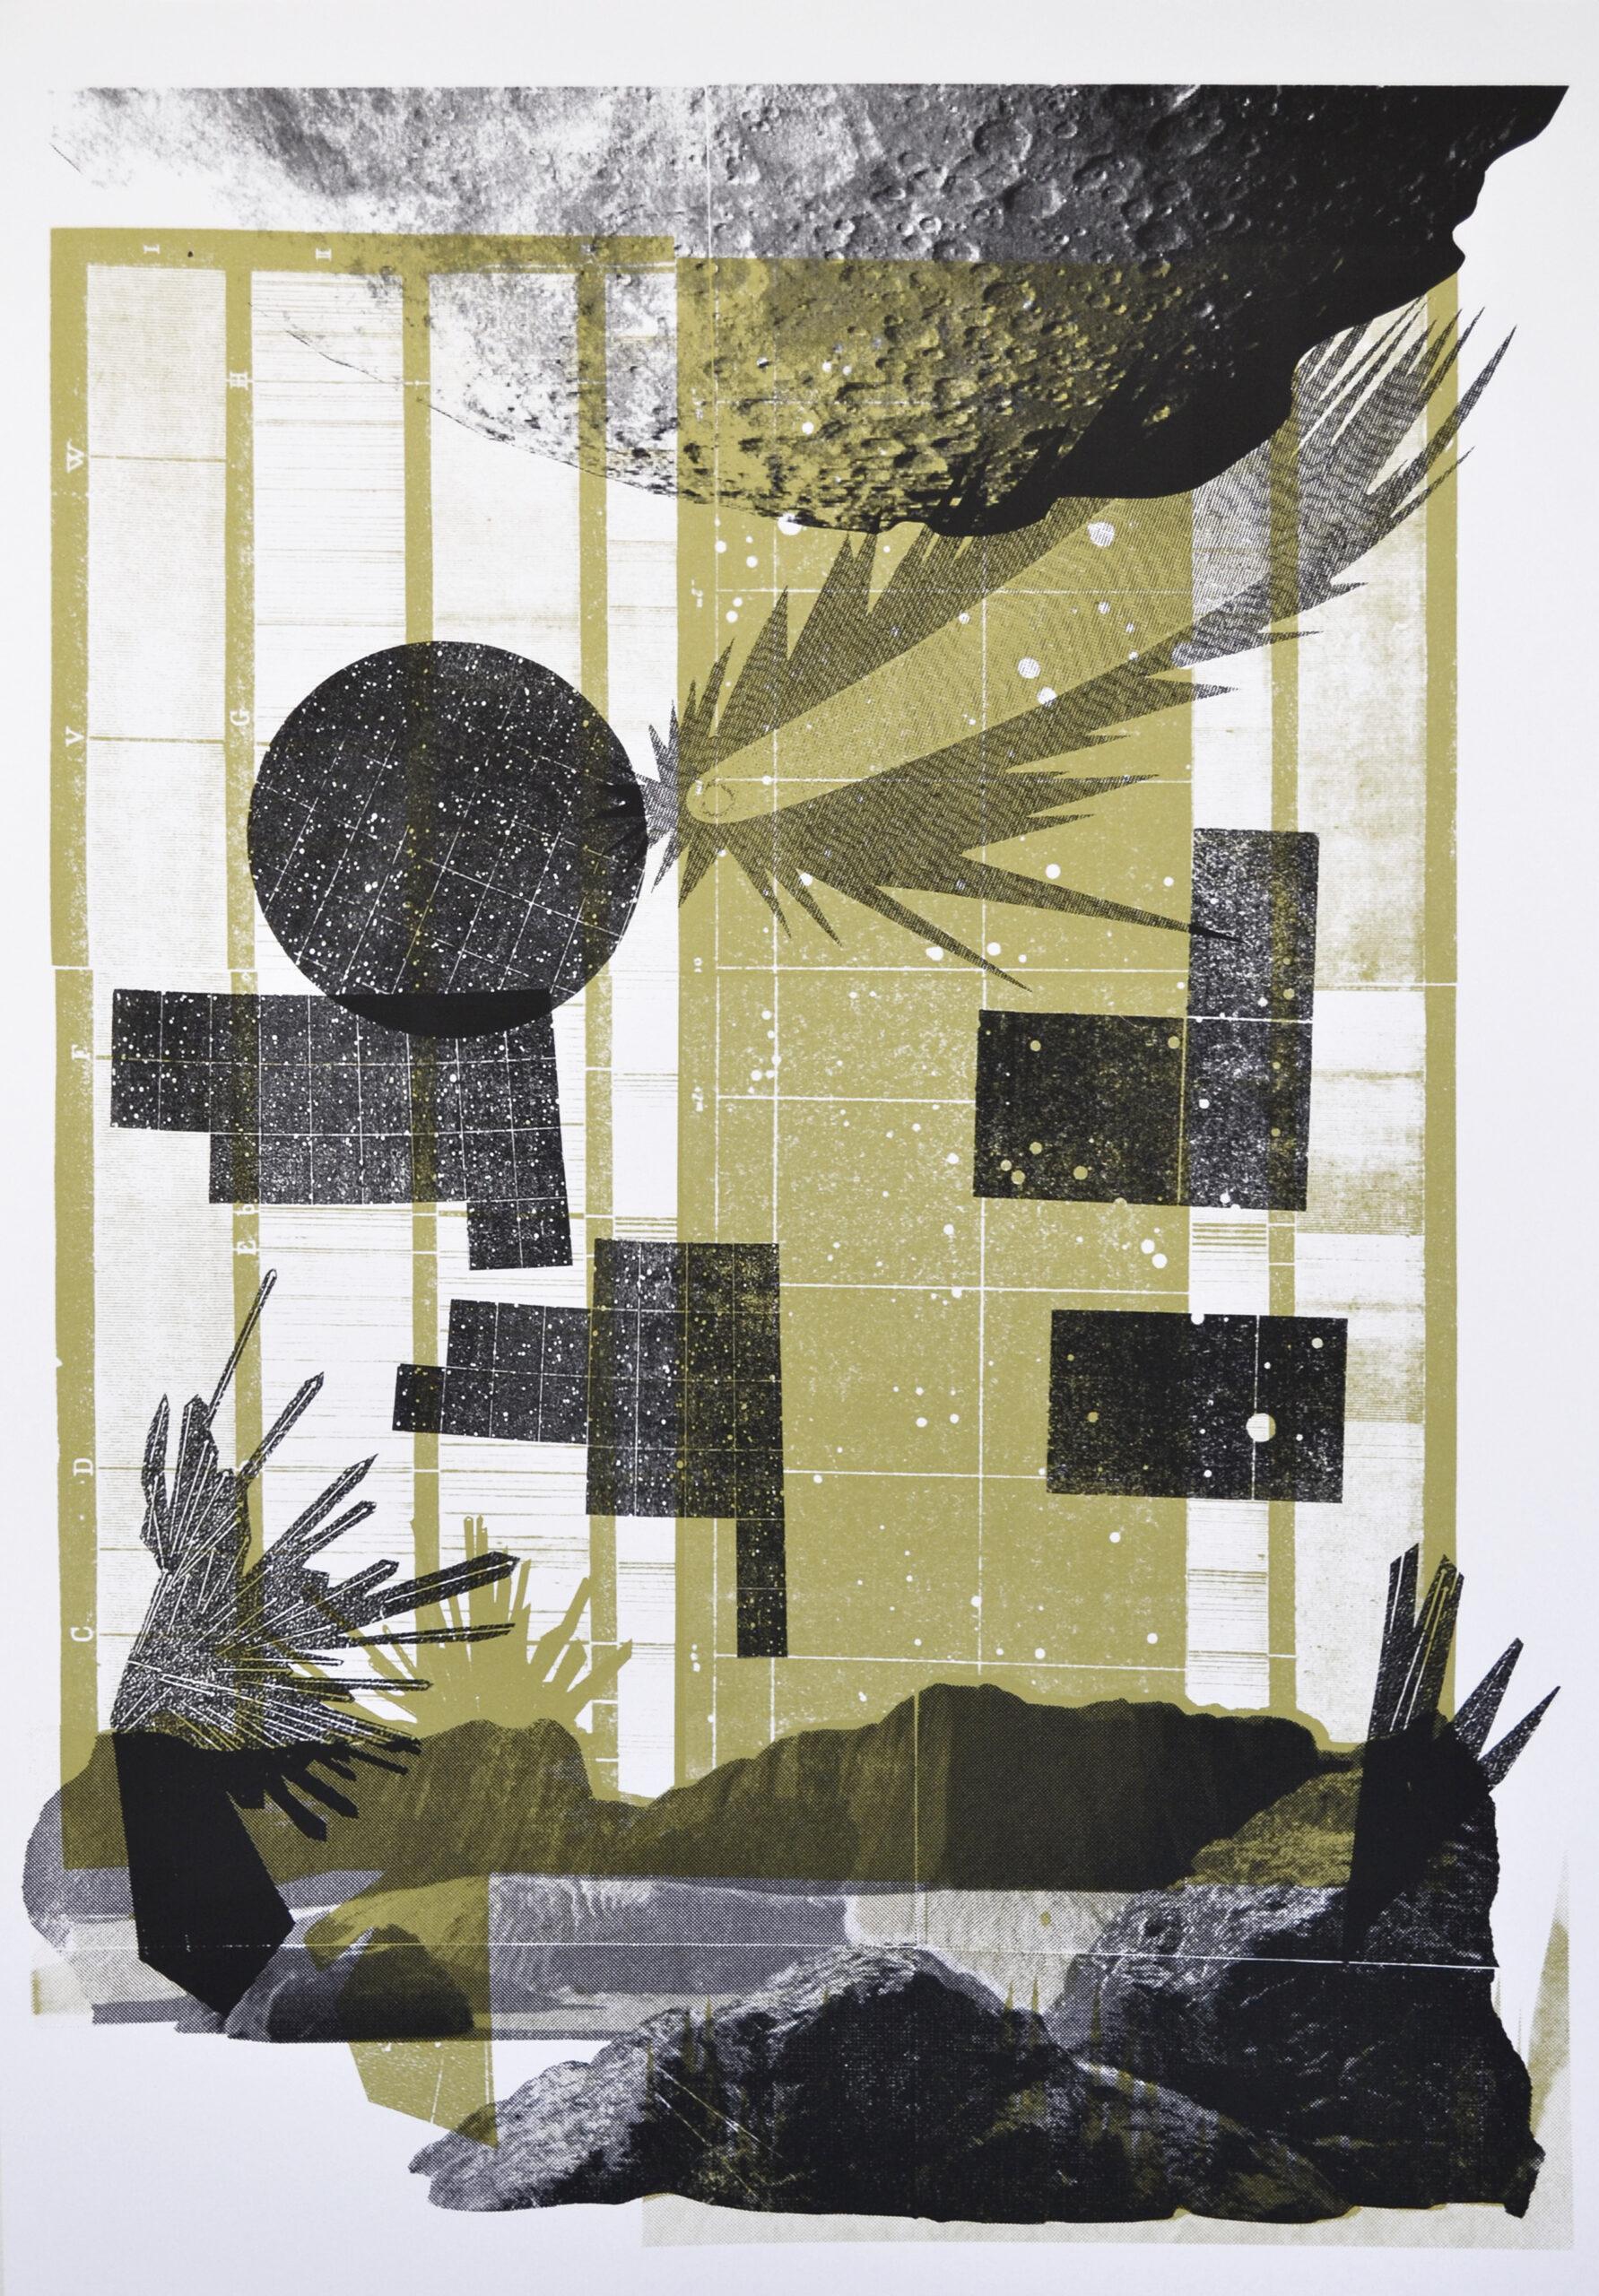 Surviving the long dark night of new moons #2Silkscreen on paper_100x70cm - Amélie Bouvier)